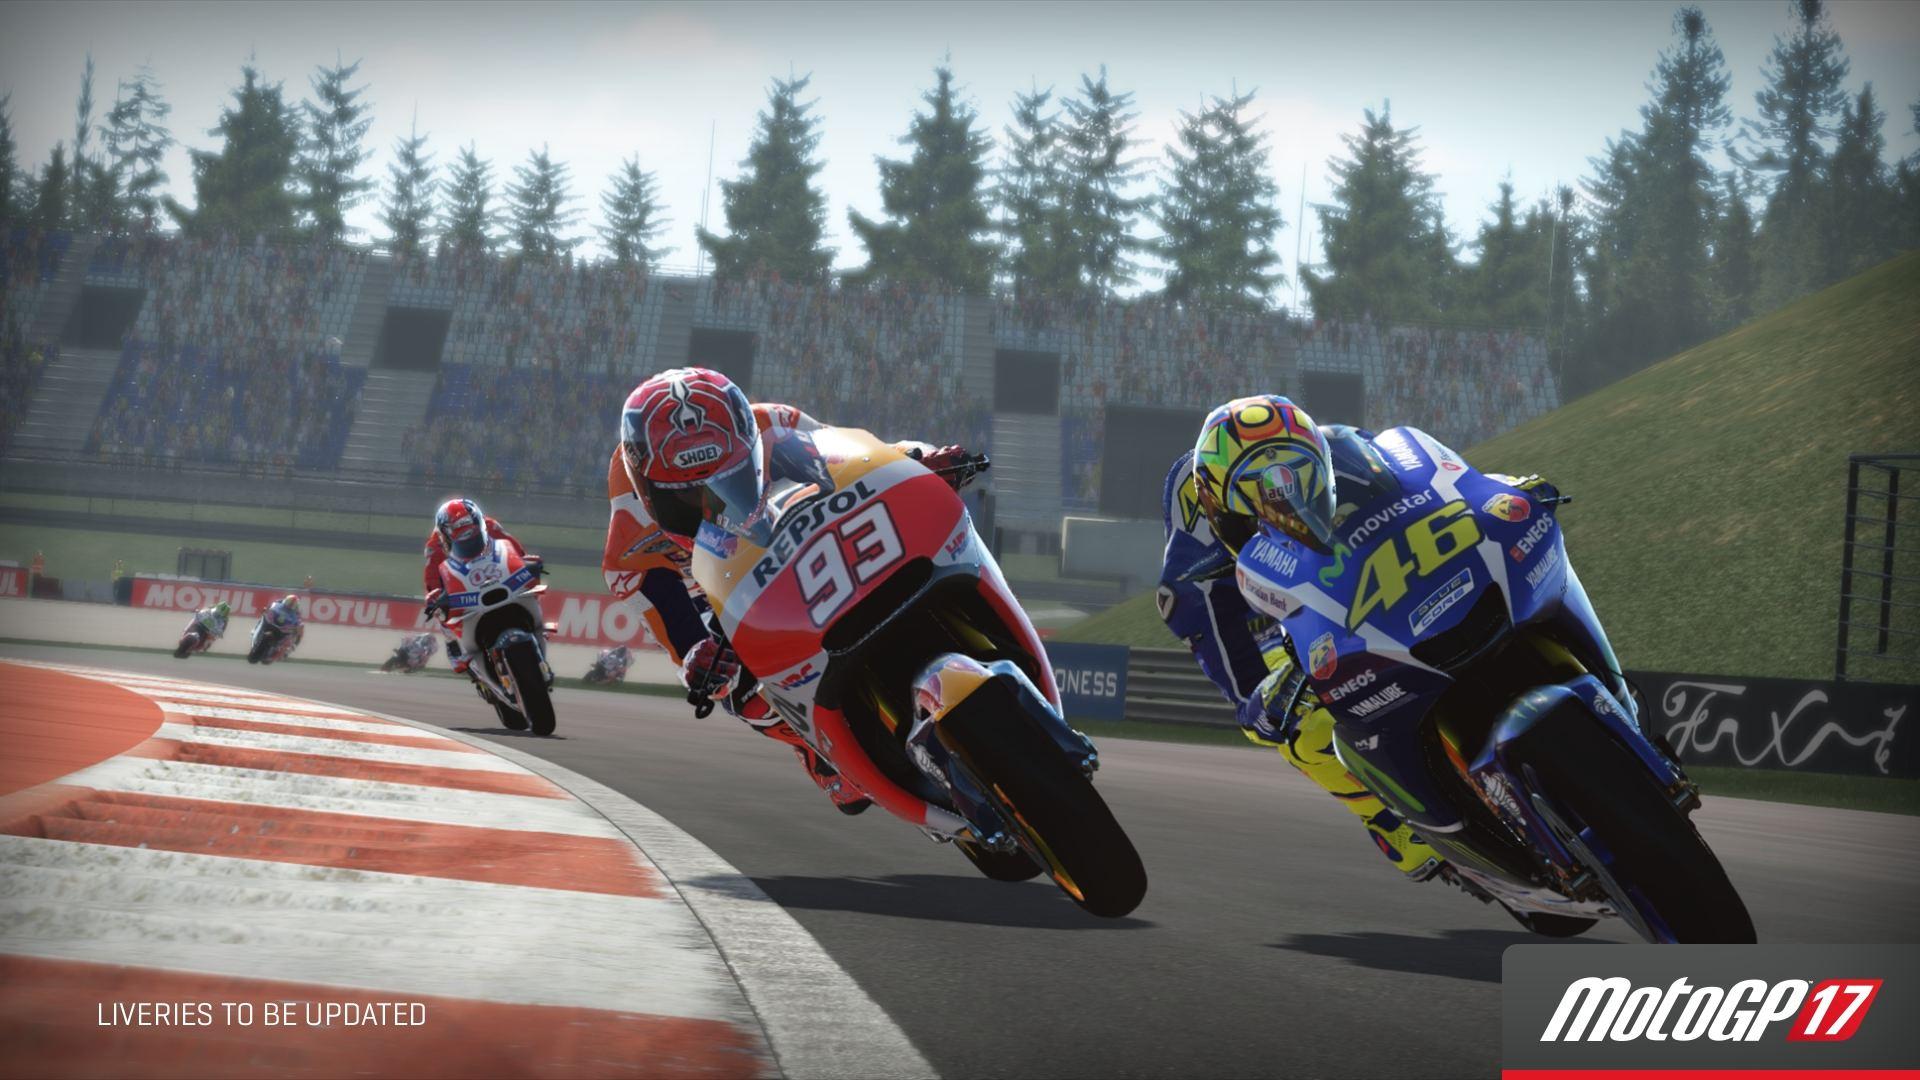 MotoGP 17 - Bild 3 | playm.de